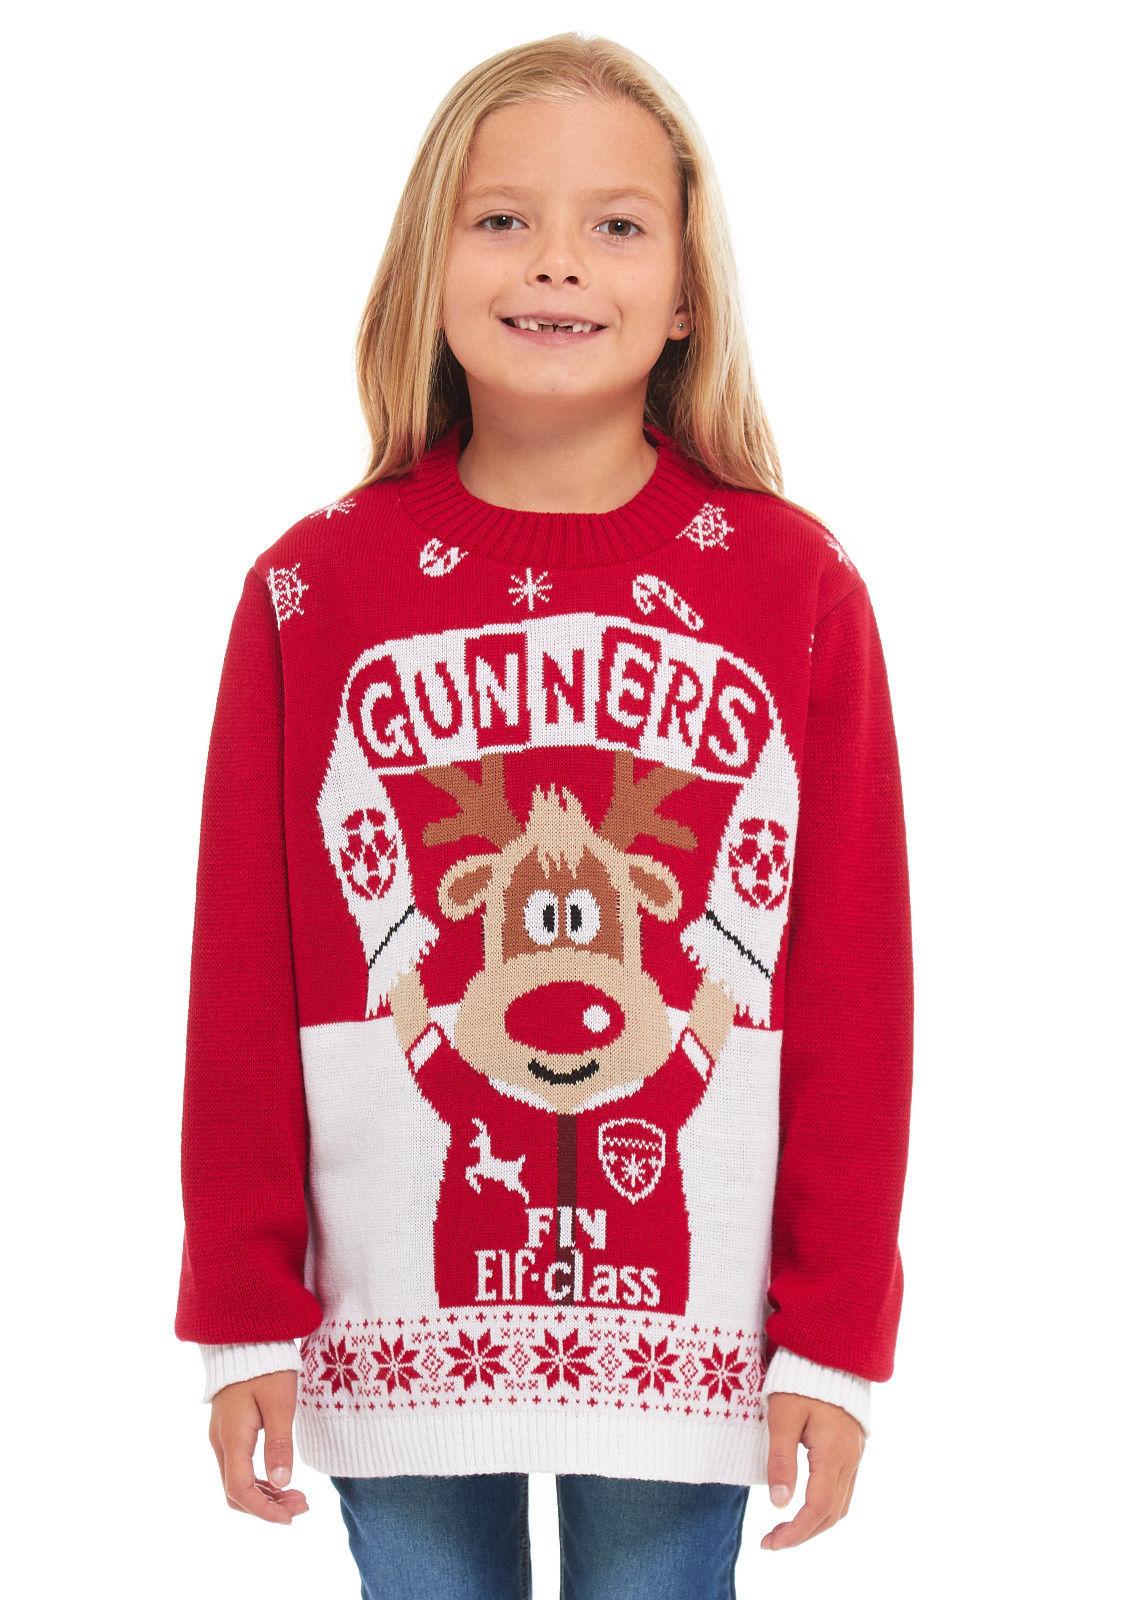 2cd65582ac4 Dětský vánoční svetr Arsenal empty